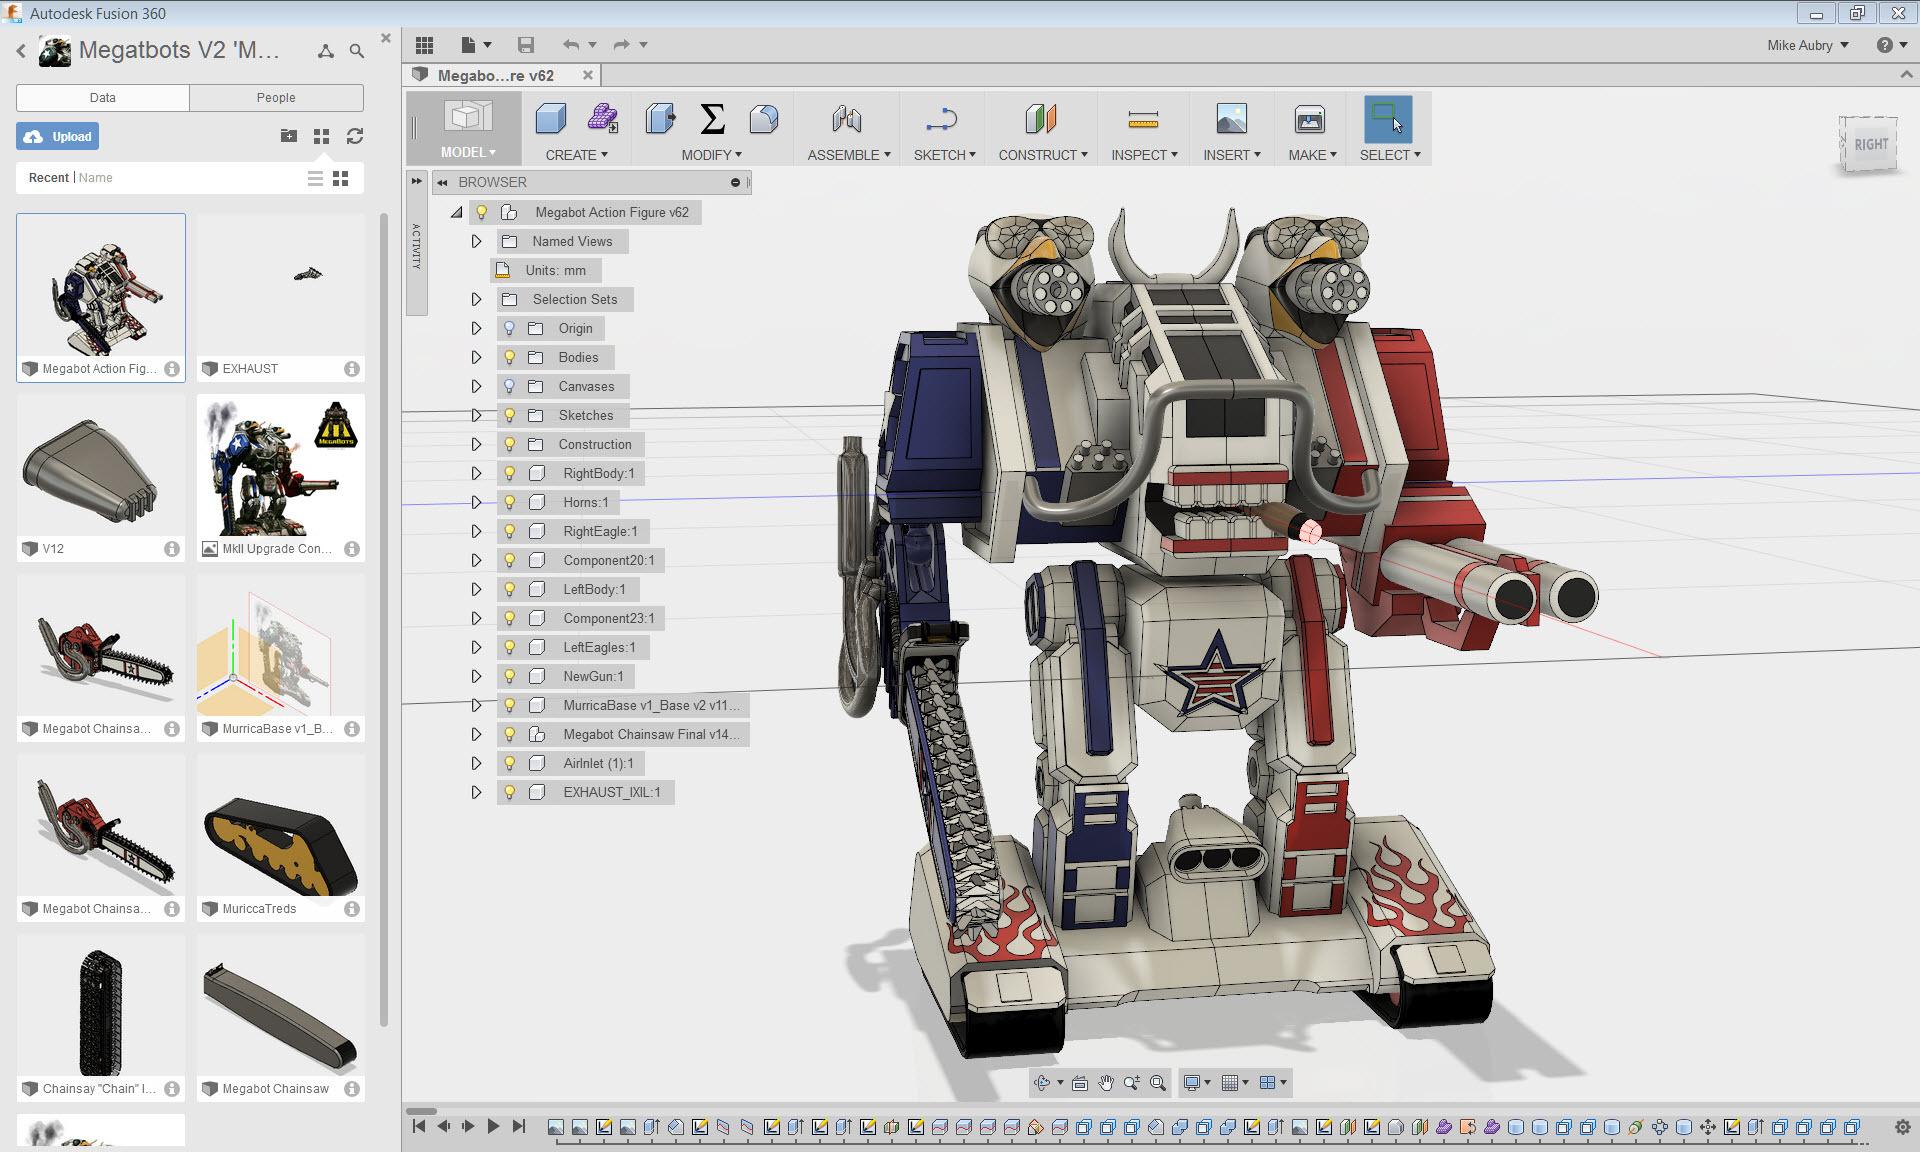 Megabots_screen_grab2